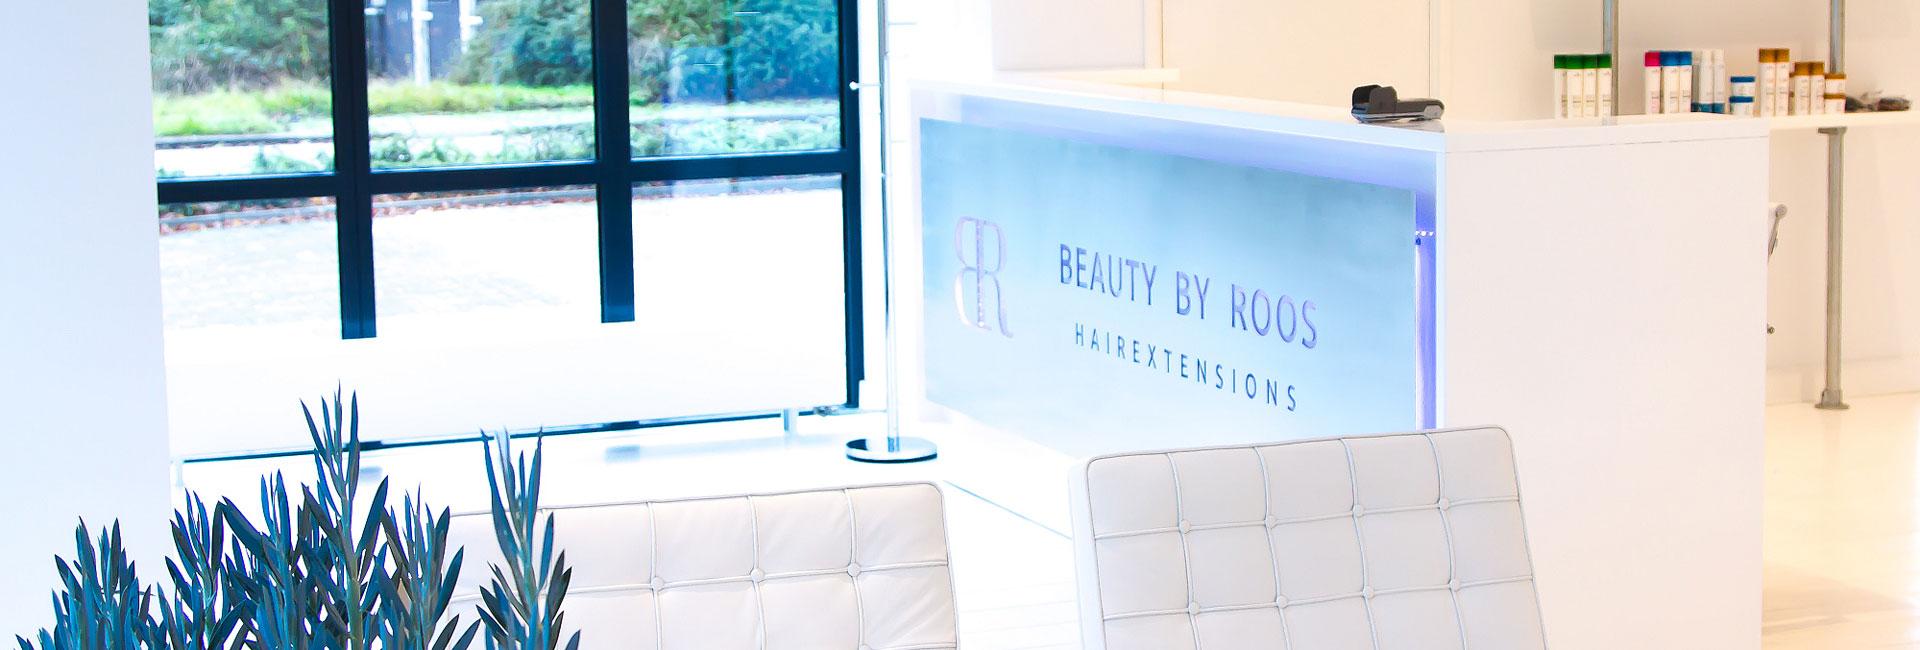 Beauty-by-roos-hair-extensions-amersfoort